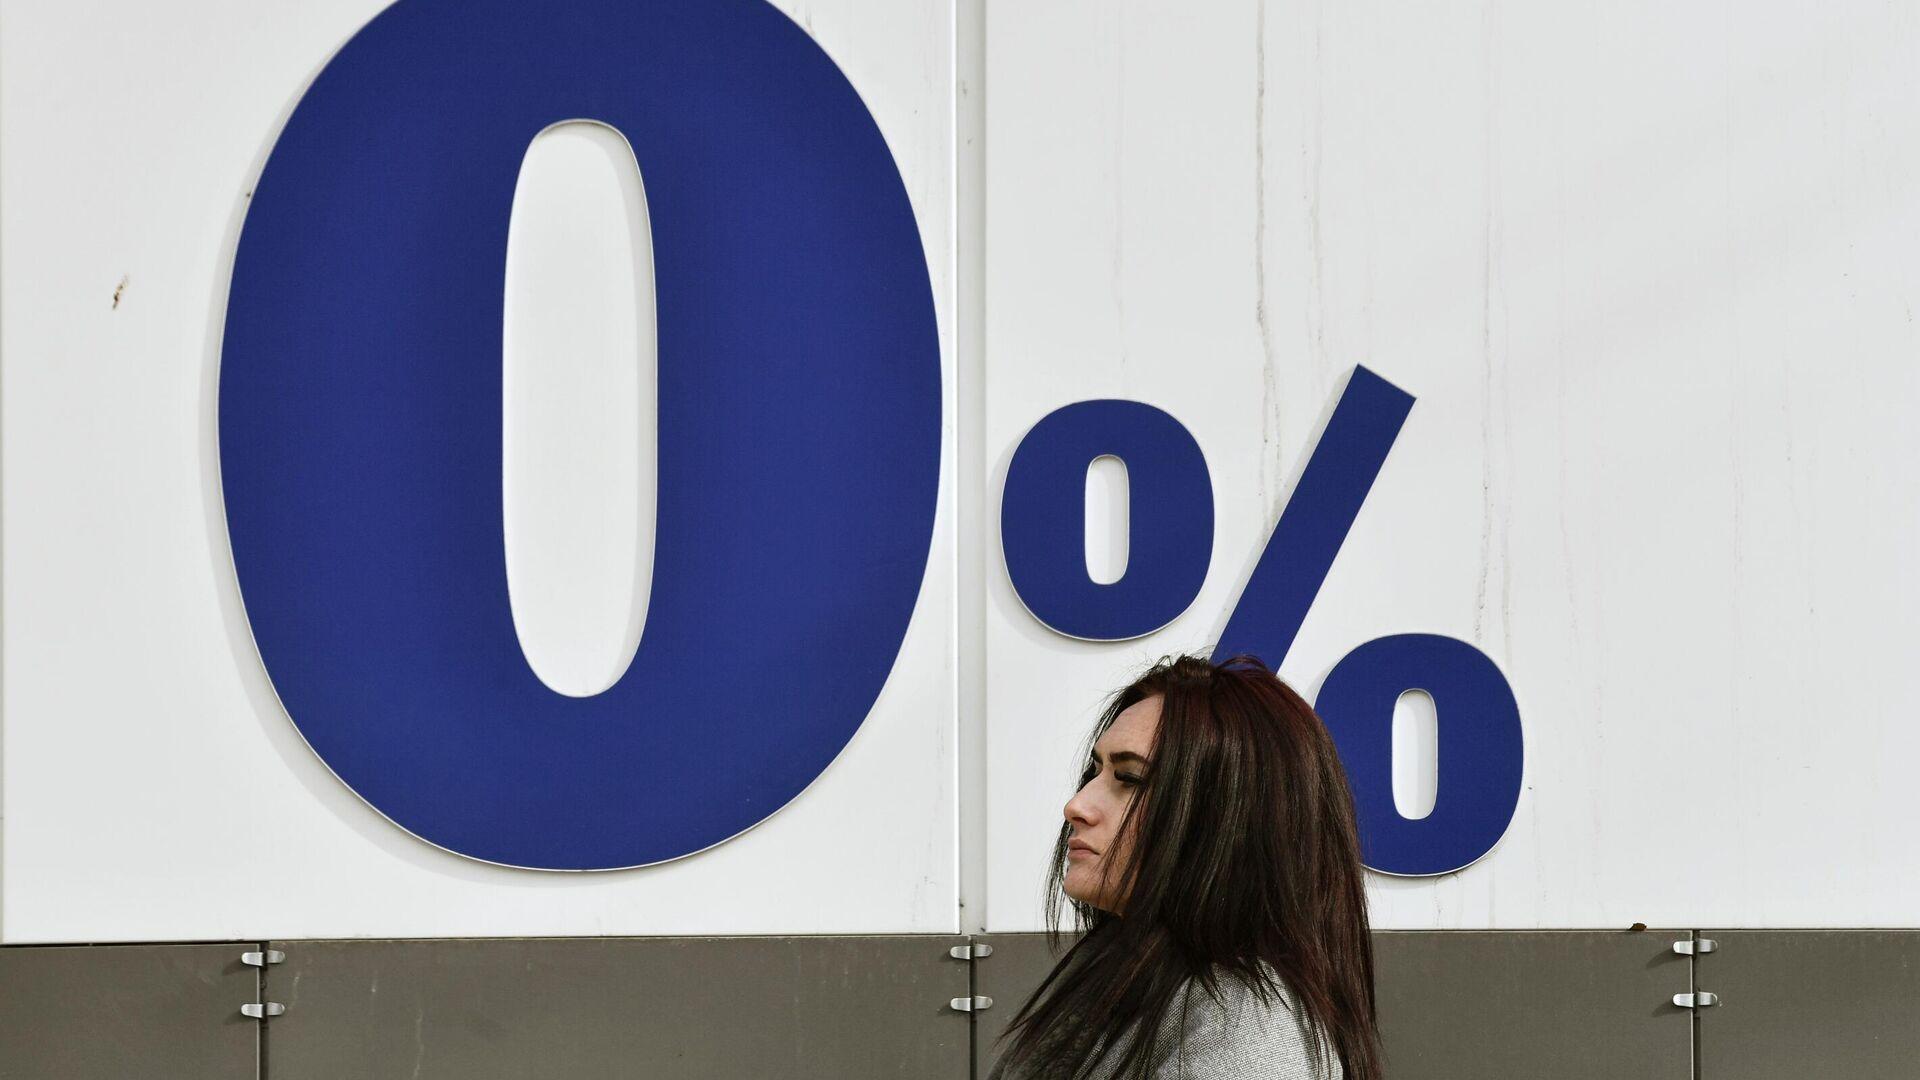 Россиян предупредили о санкциях за досрочное погашение кредита